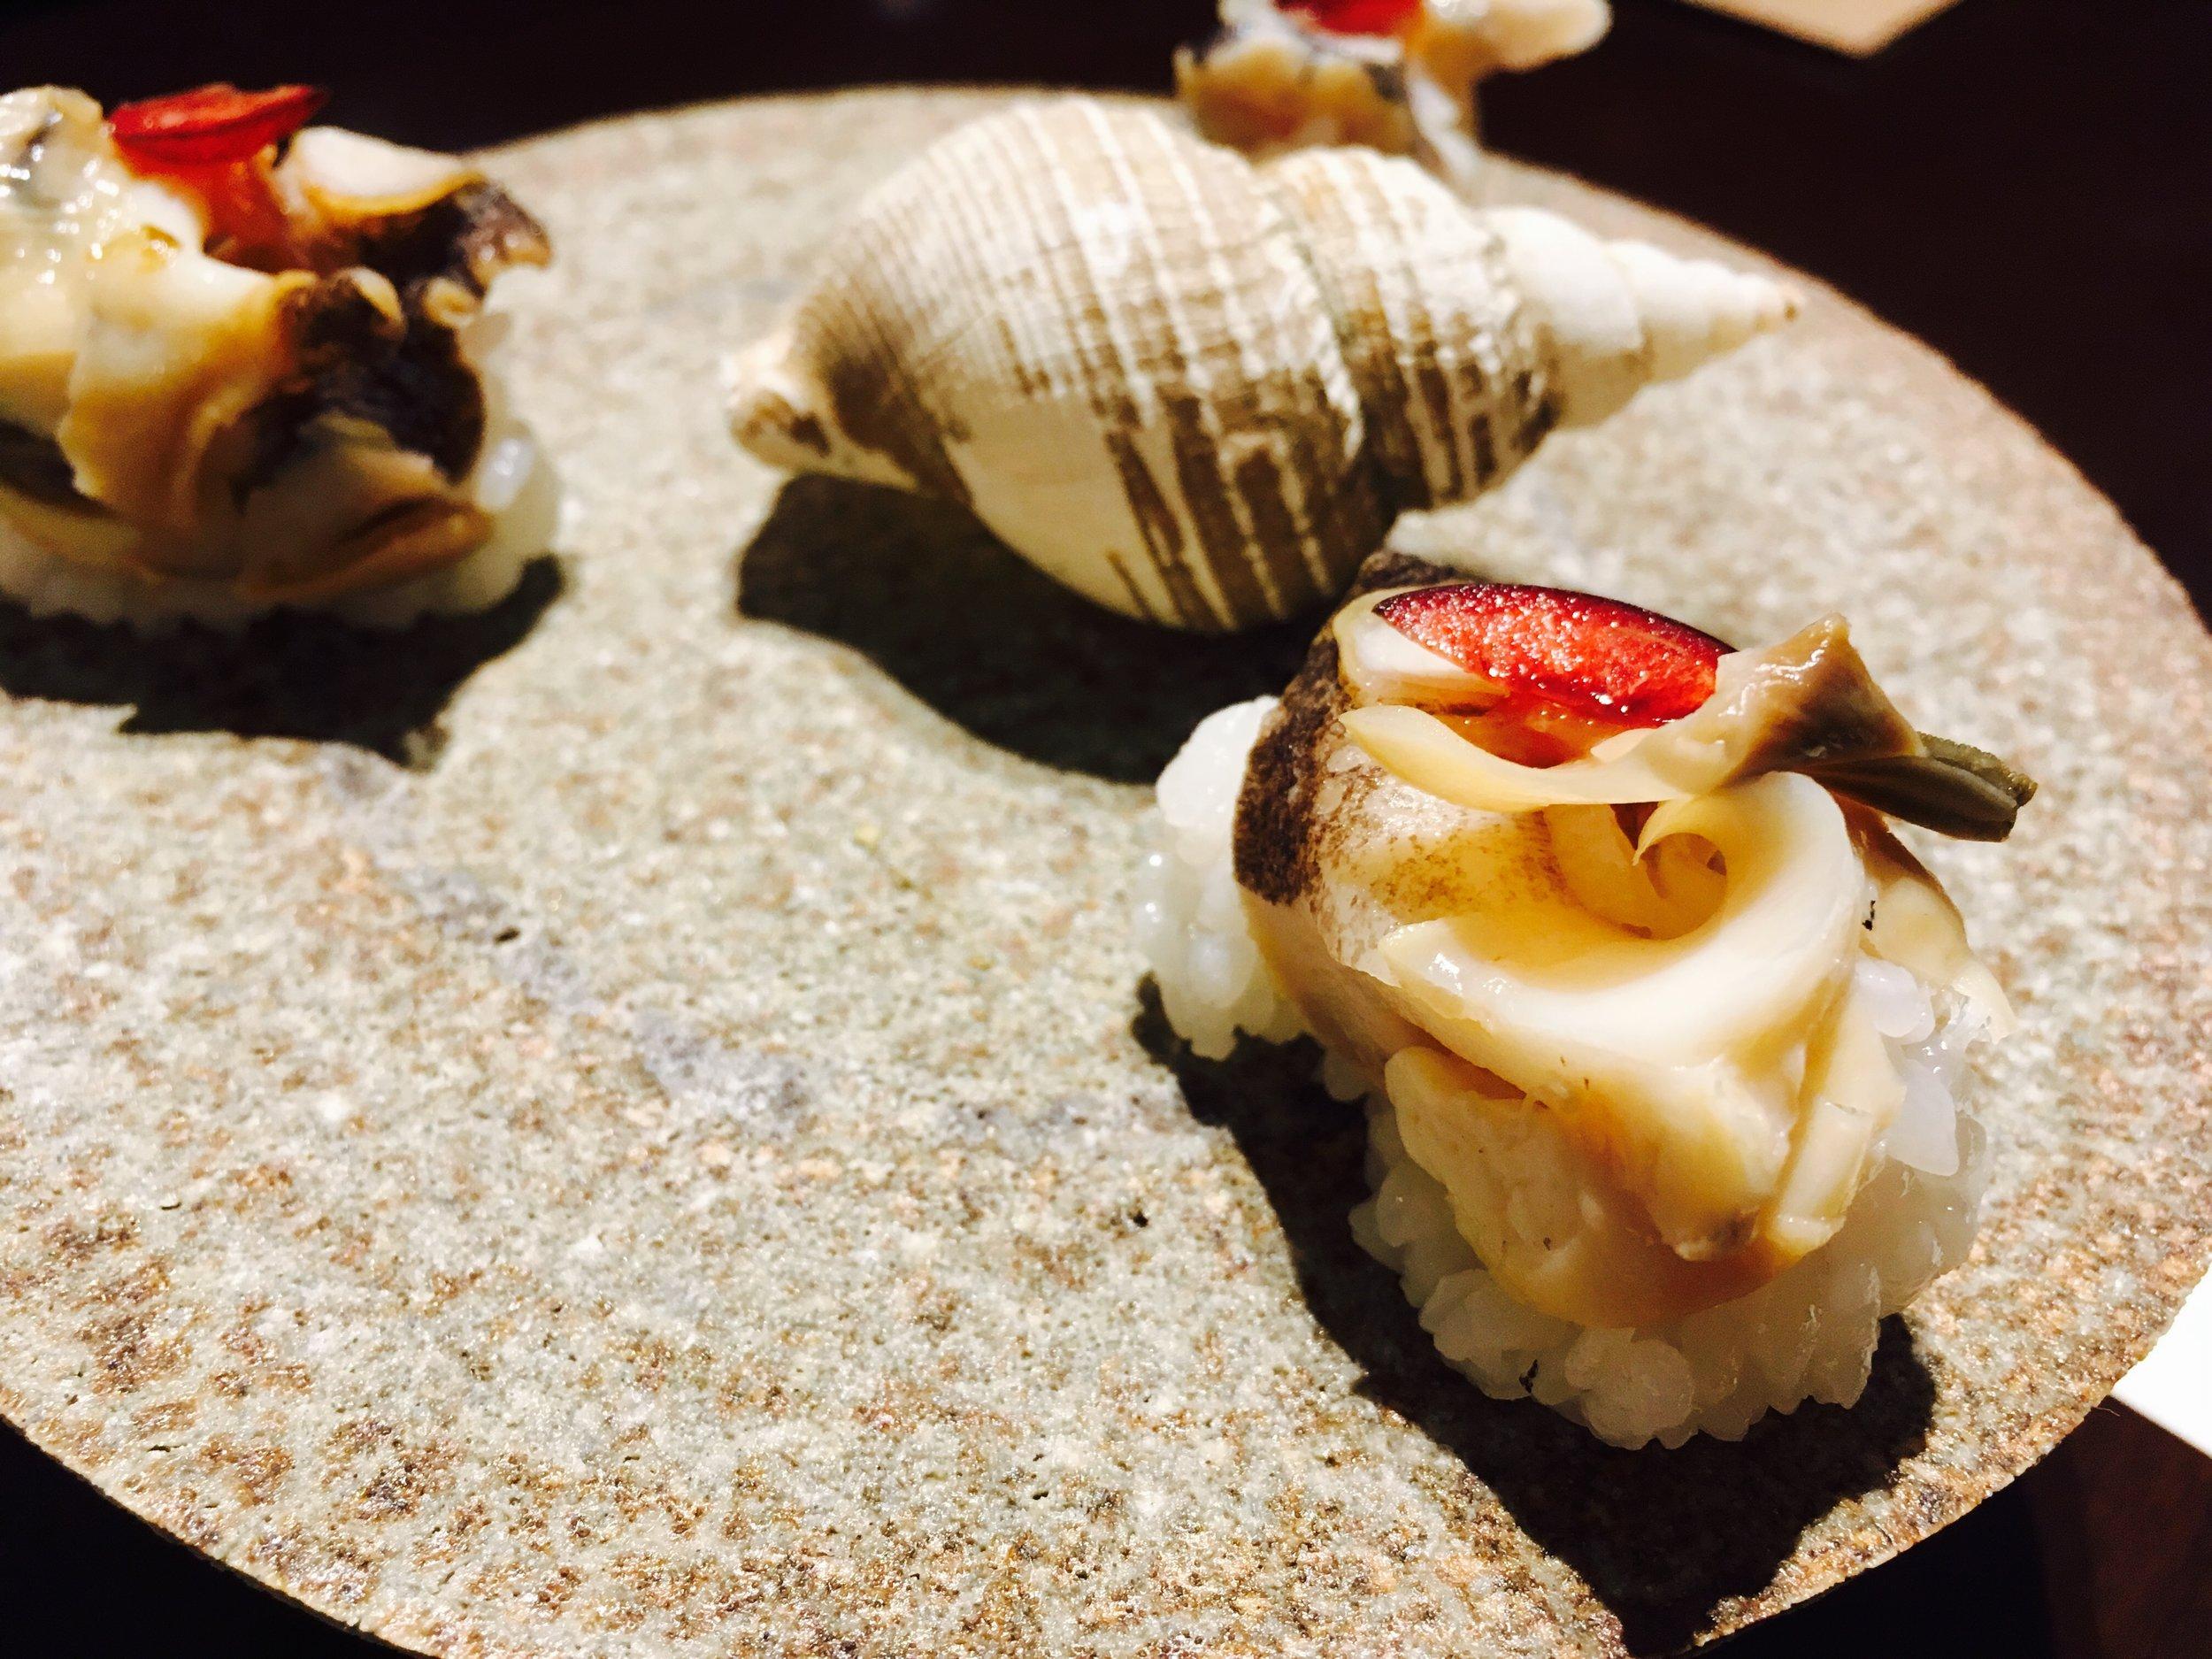 サガマバイ、というバイ貝。梅肉とドライチェリーがのってます。